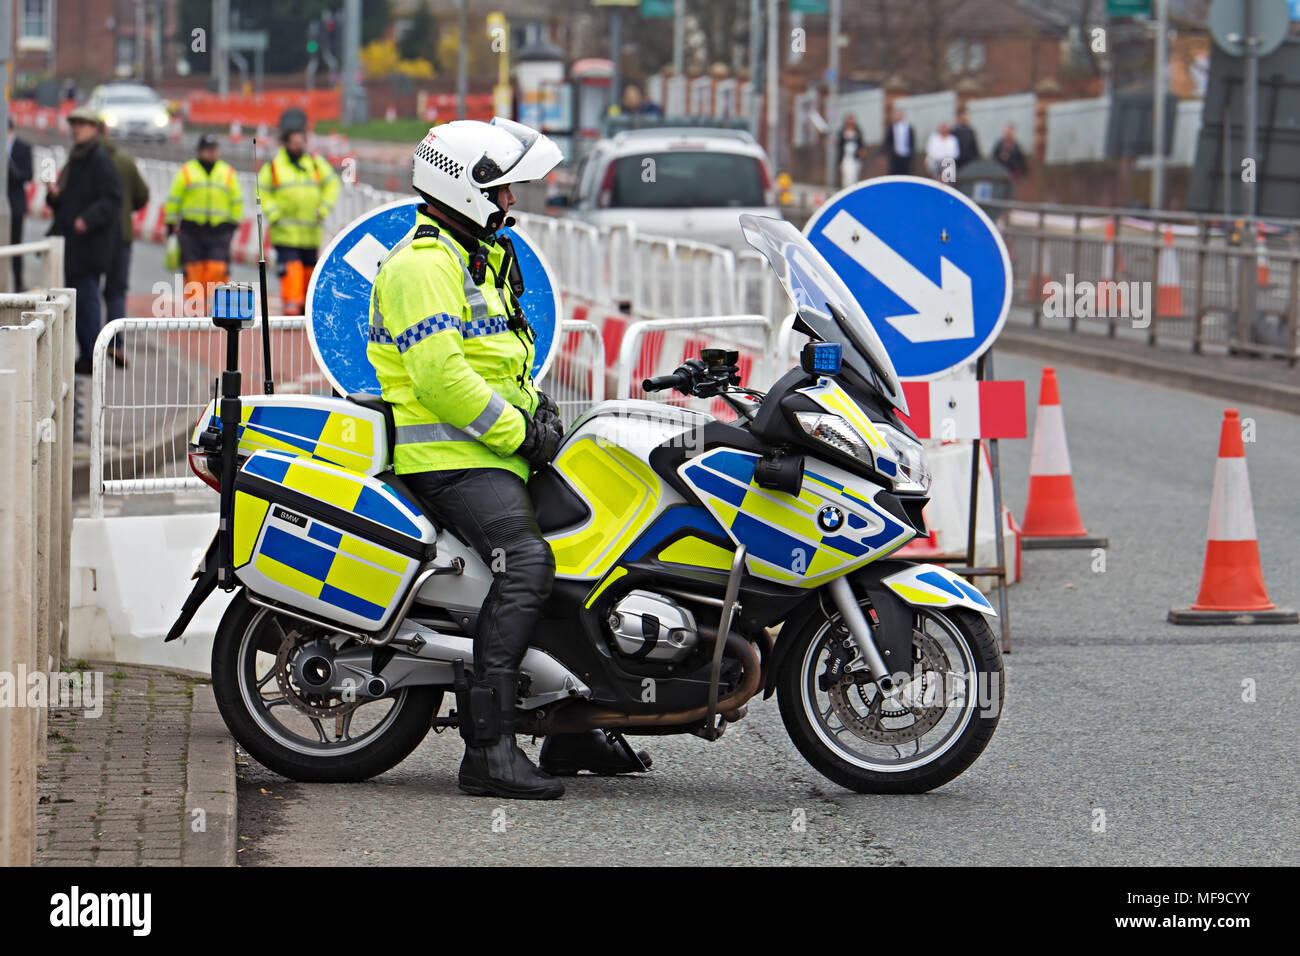 British motociclo funzionario di polizia sulla sua BMW Moto in Grand incontro nazionale in Liverpool 2018 Immagini Stock